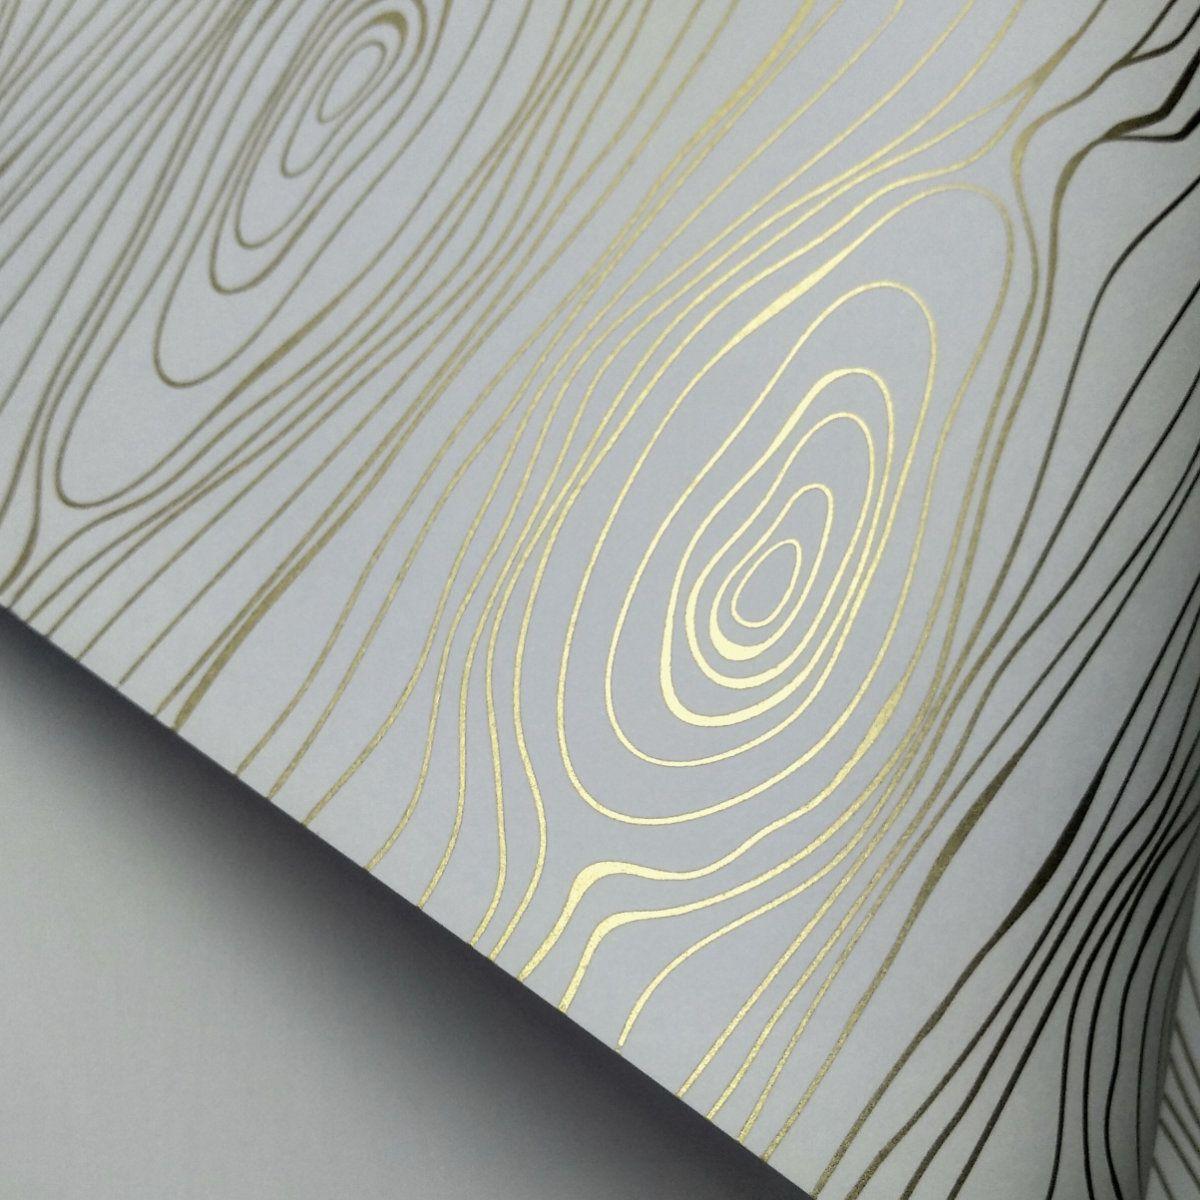 Papel Madeira - Branco com Dourado - Tam. A4 - 180g/m²